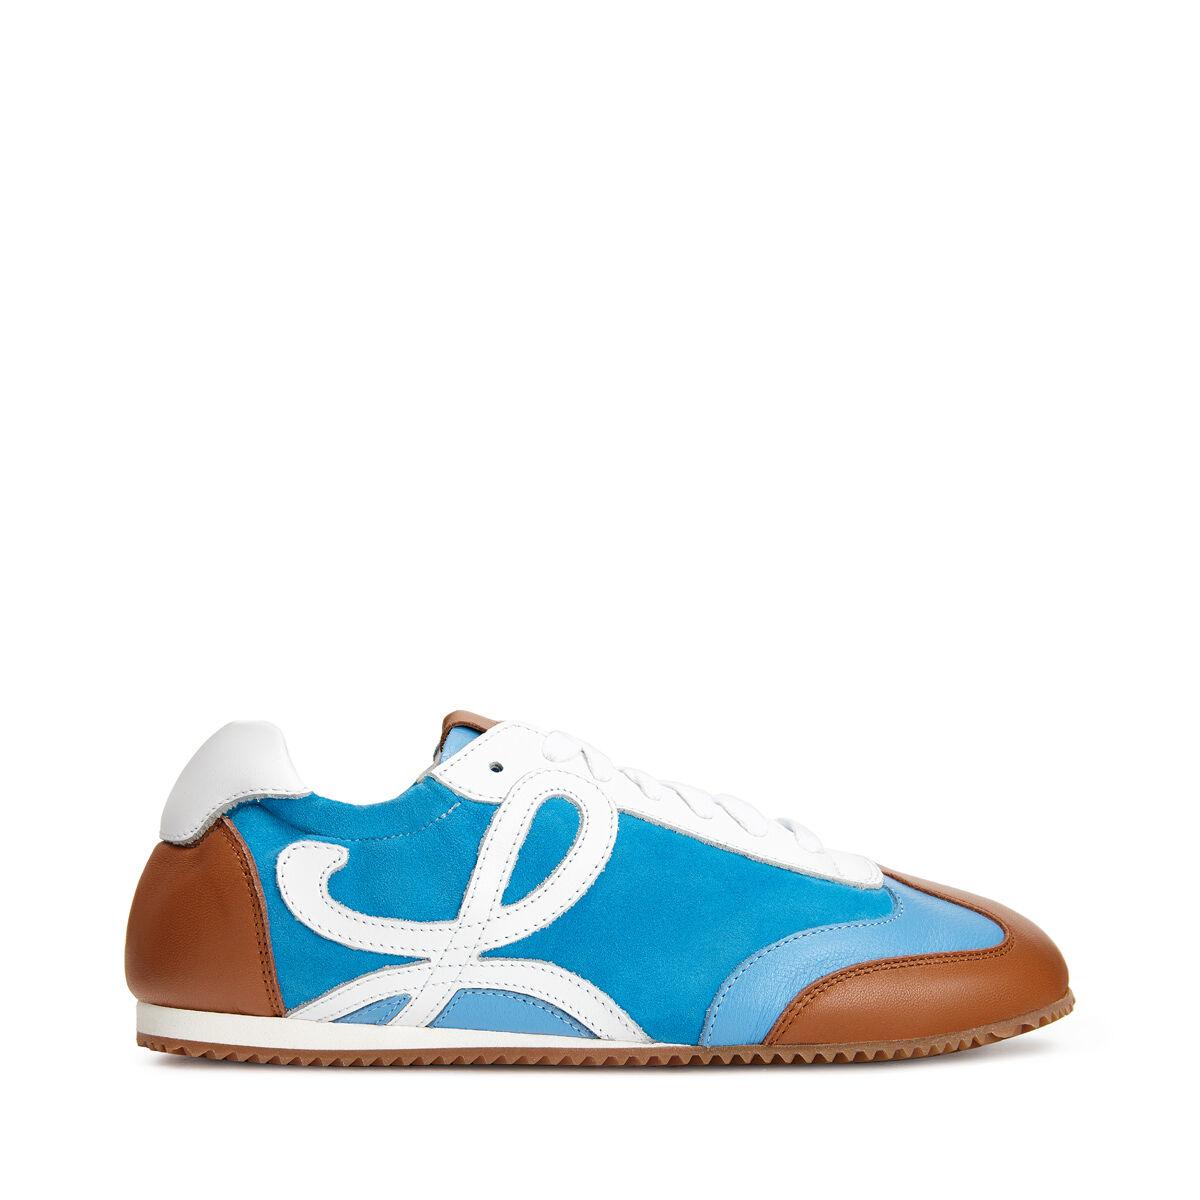 de para lujo Zapatillas mujer diseño LOEWE y n8PkwO0